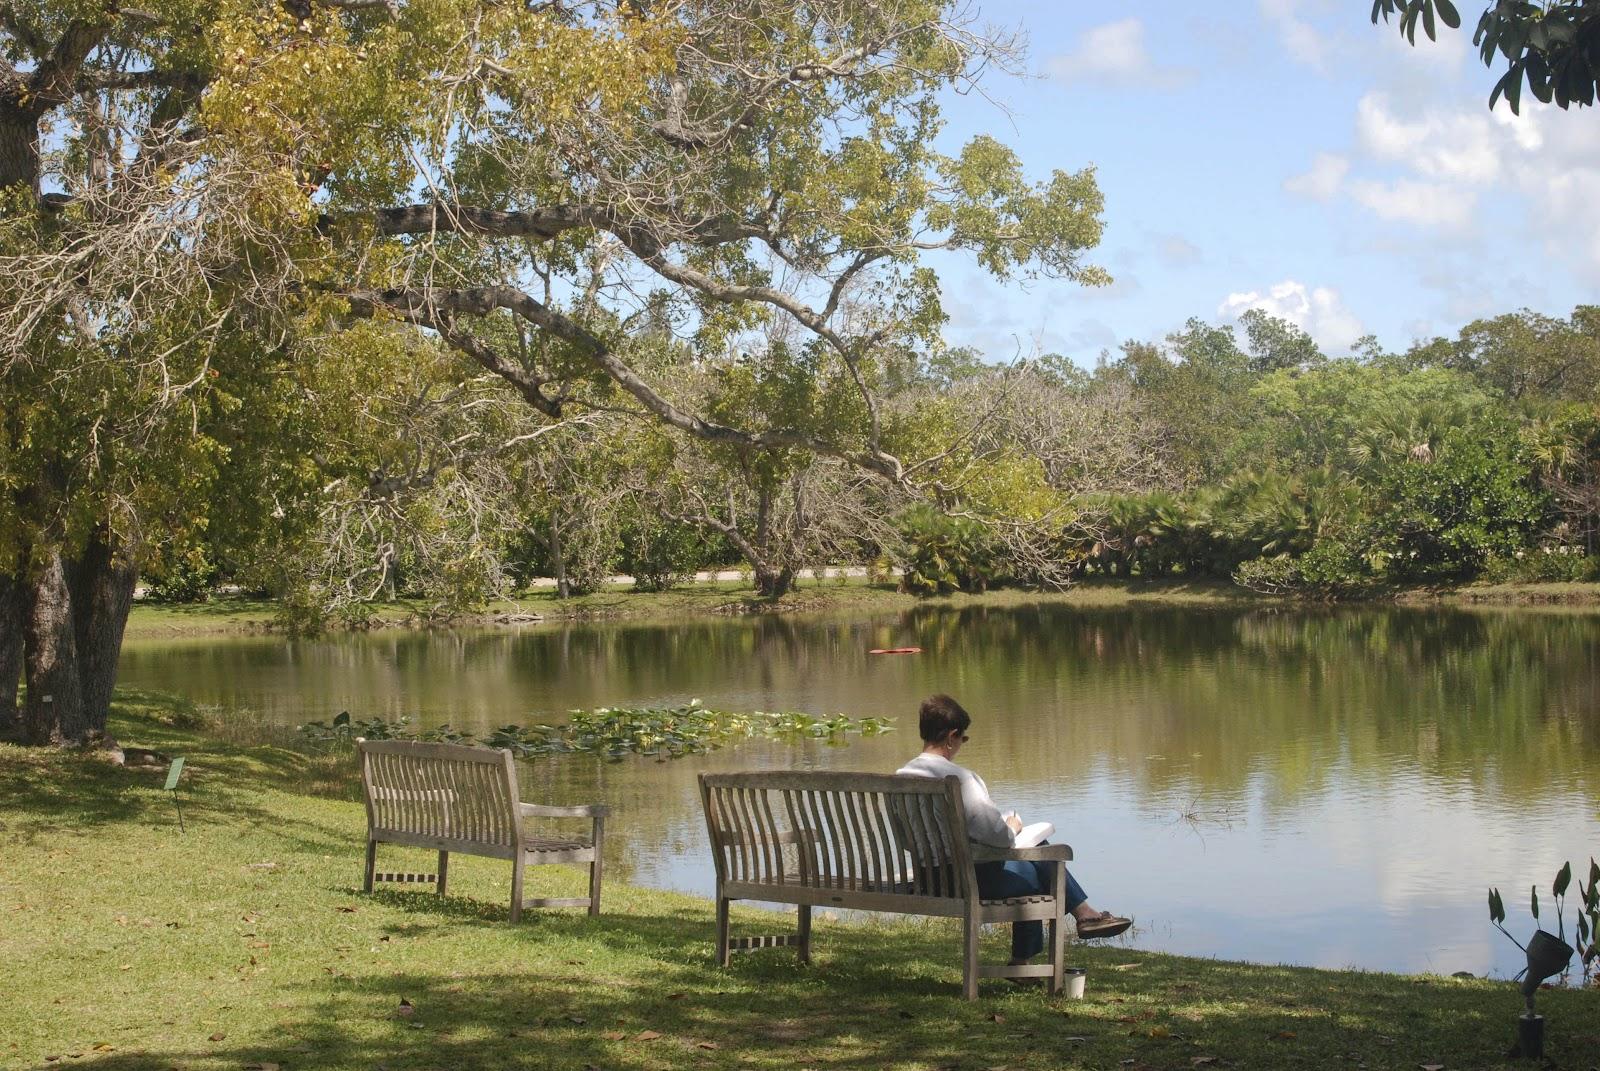 S/V Barefoot: Fairchild Tropical Botanical Gardens